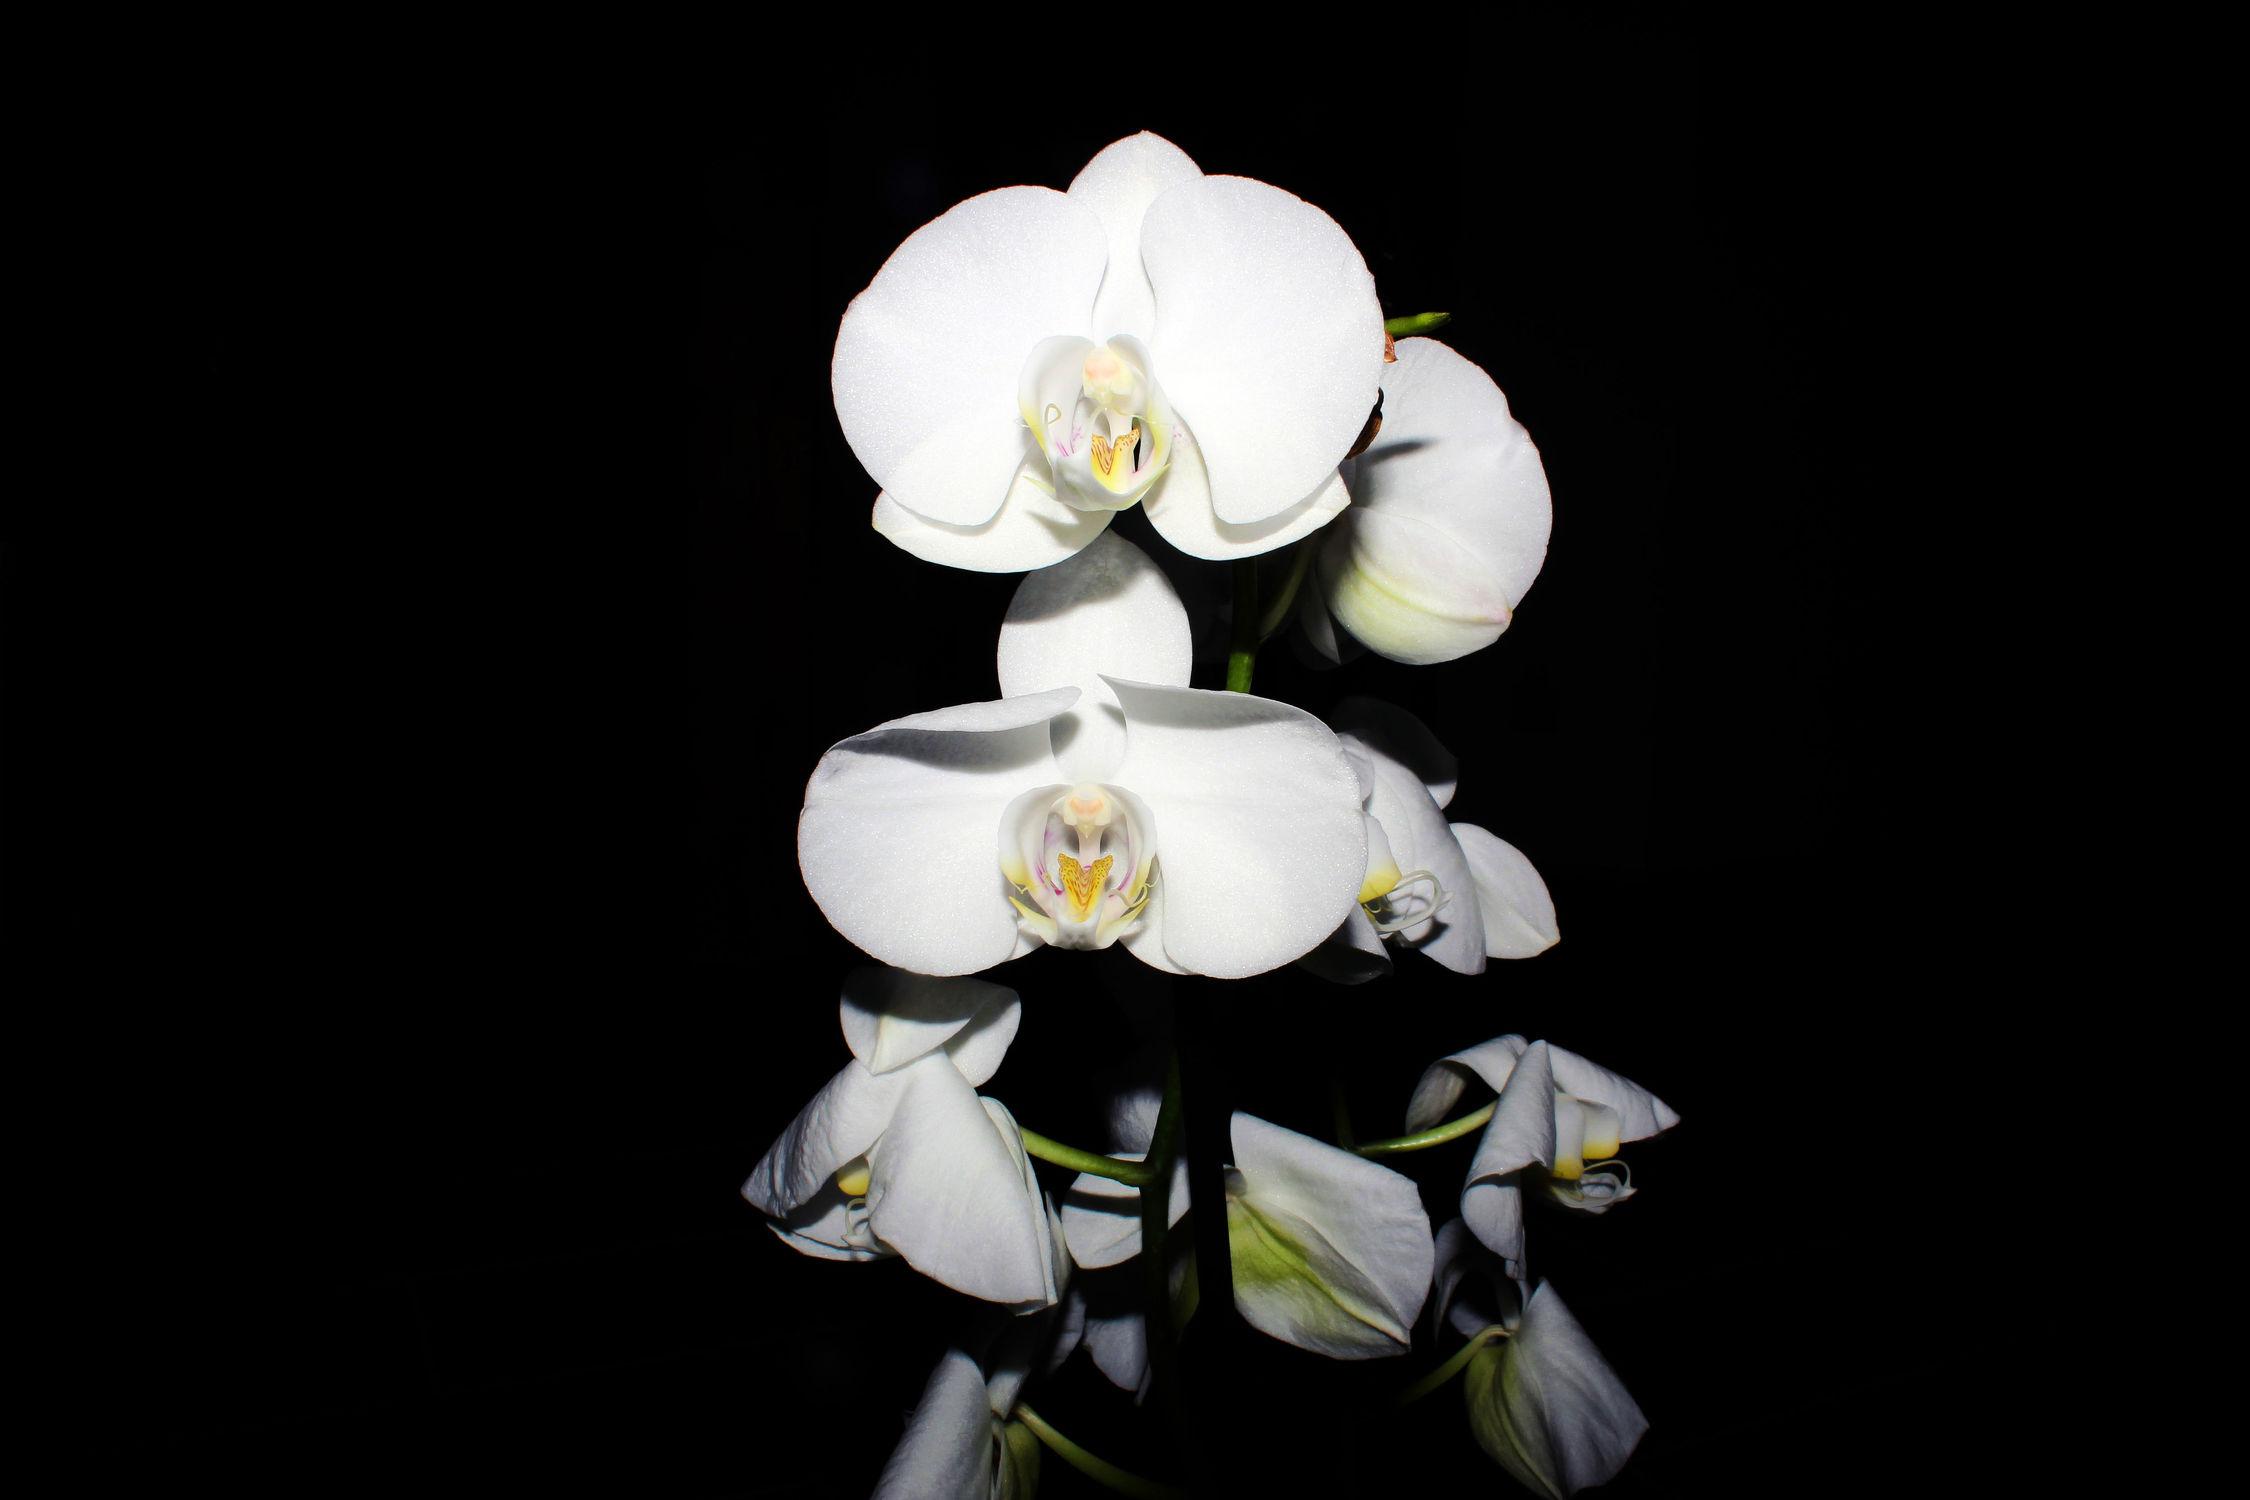 Bild mit Pflanzen, Blumen, Orchideen, Blume, Orchidee, Orchid, Orchids, Orchideengewächse, Pflanze, Orchidaceae, Grammatophyllum speciosum, Tiger Orchidee